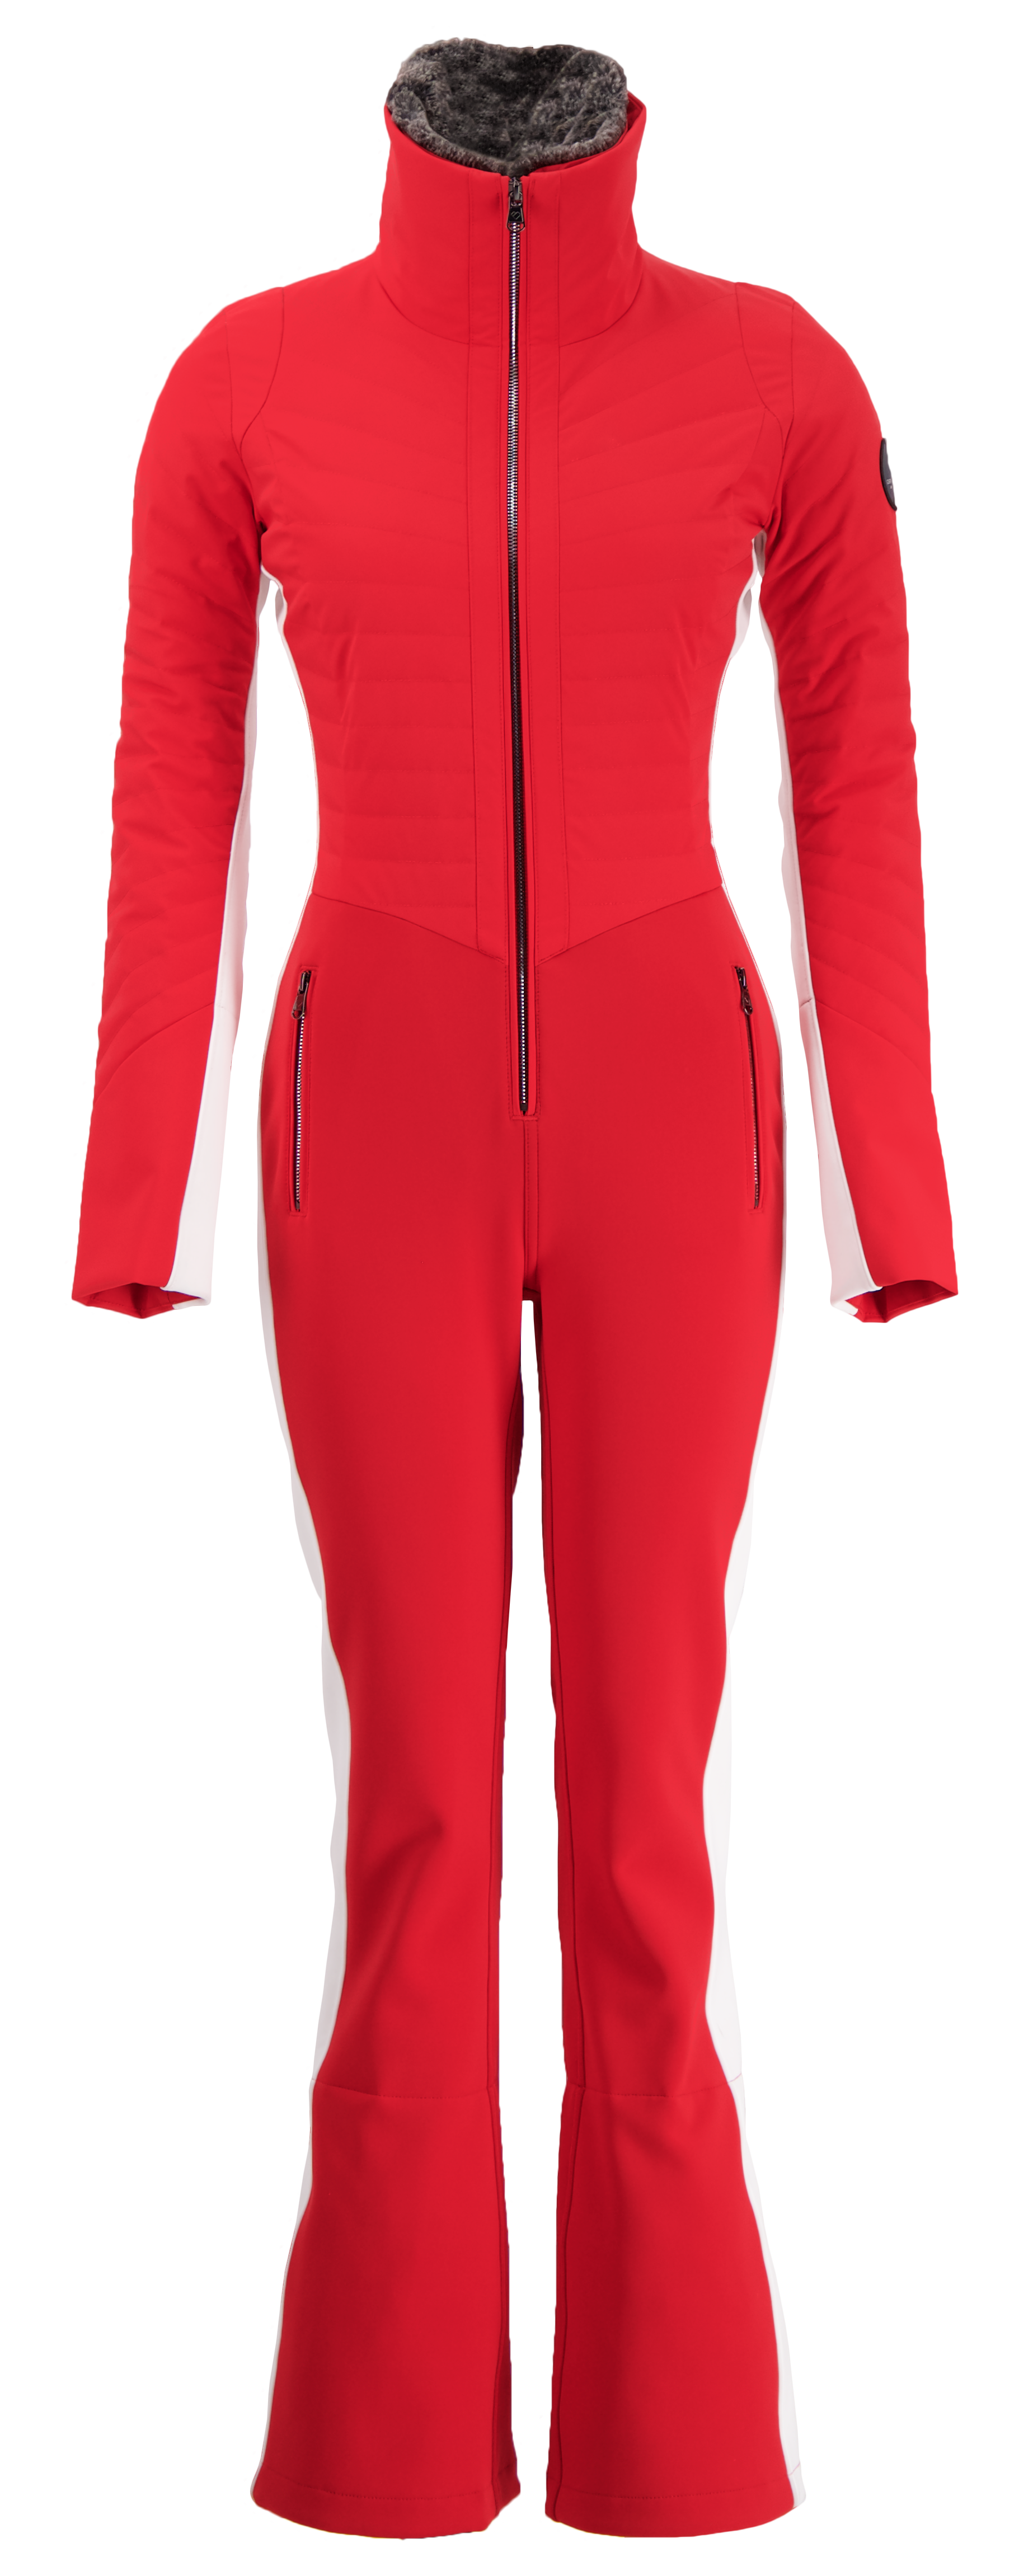 Pro skier Lexi Dupont